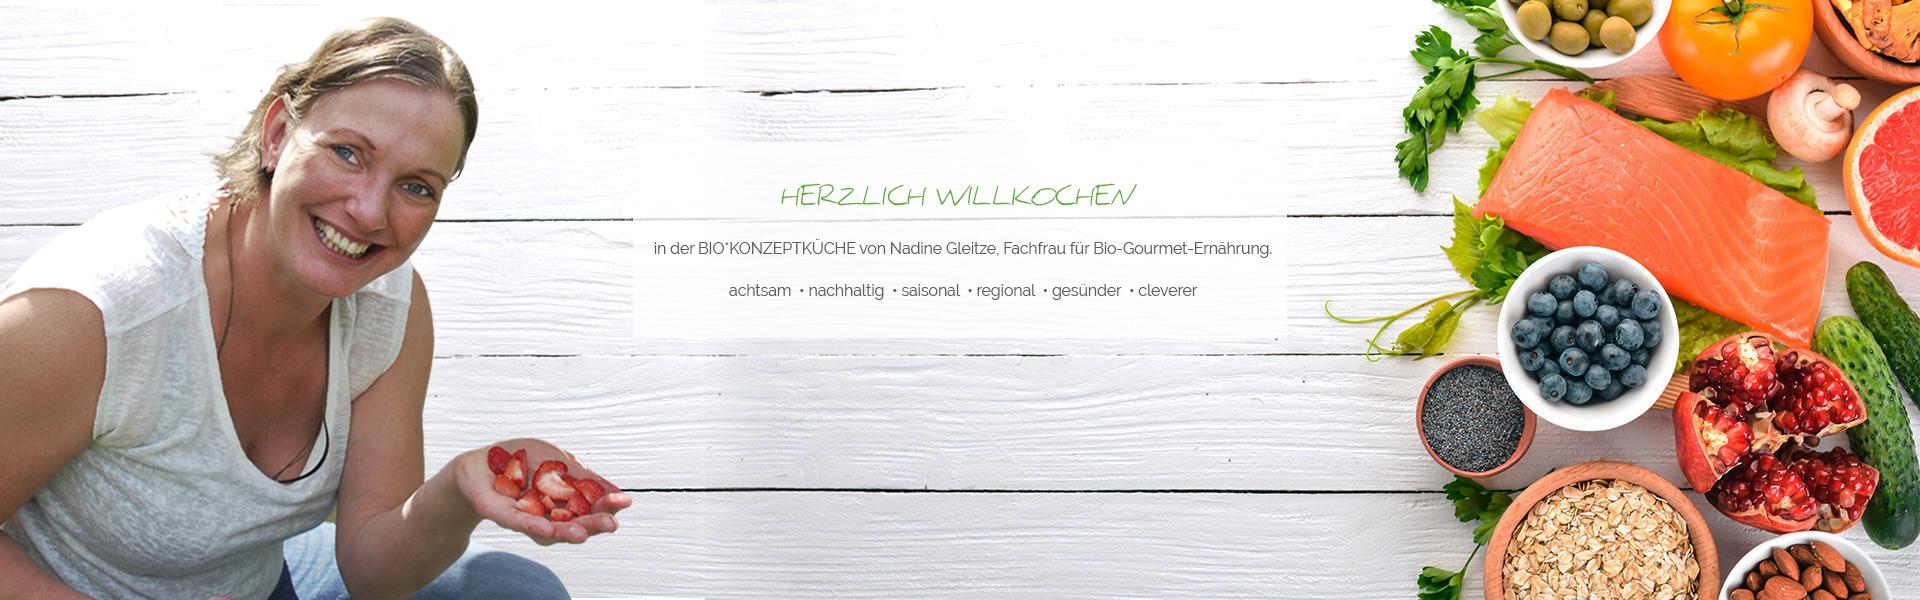 Biokonzeptküche_Slider1